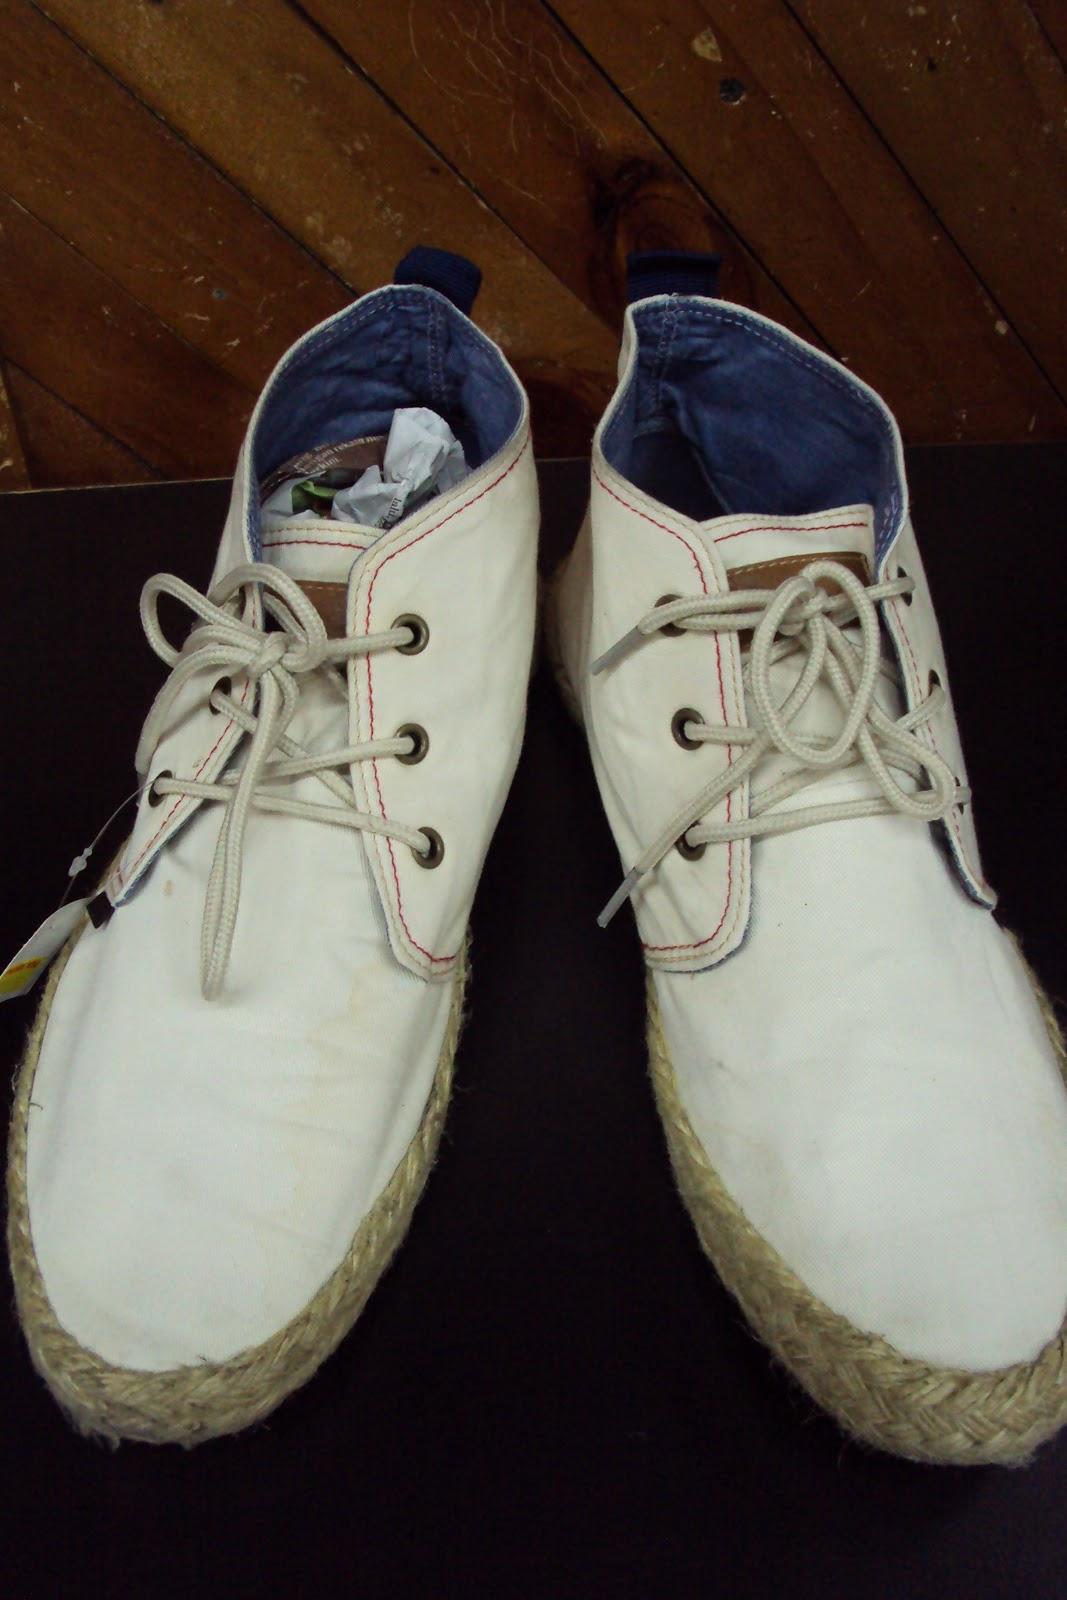 barangan baru terpakai ben sherman casual shoe sold